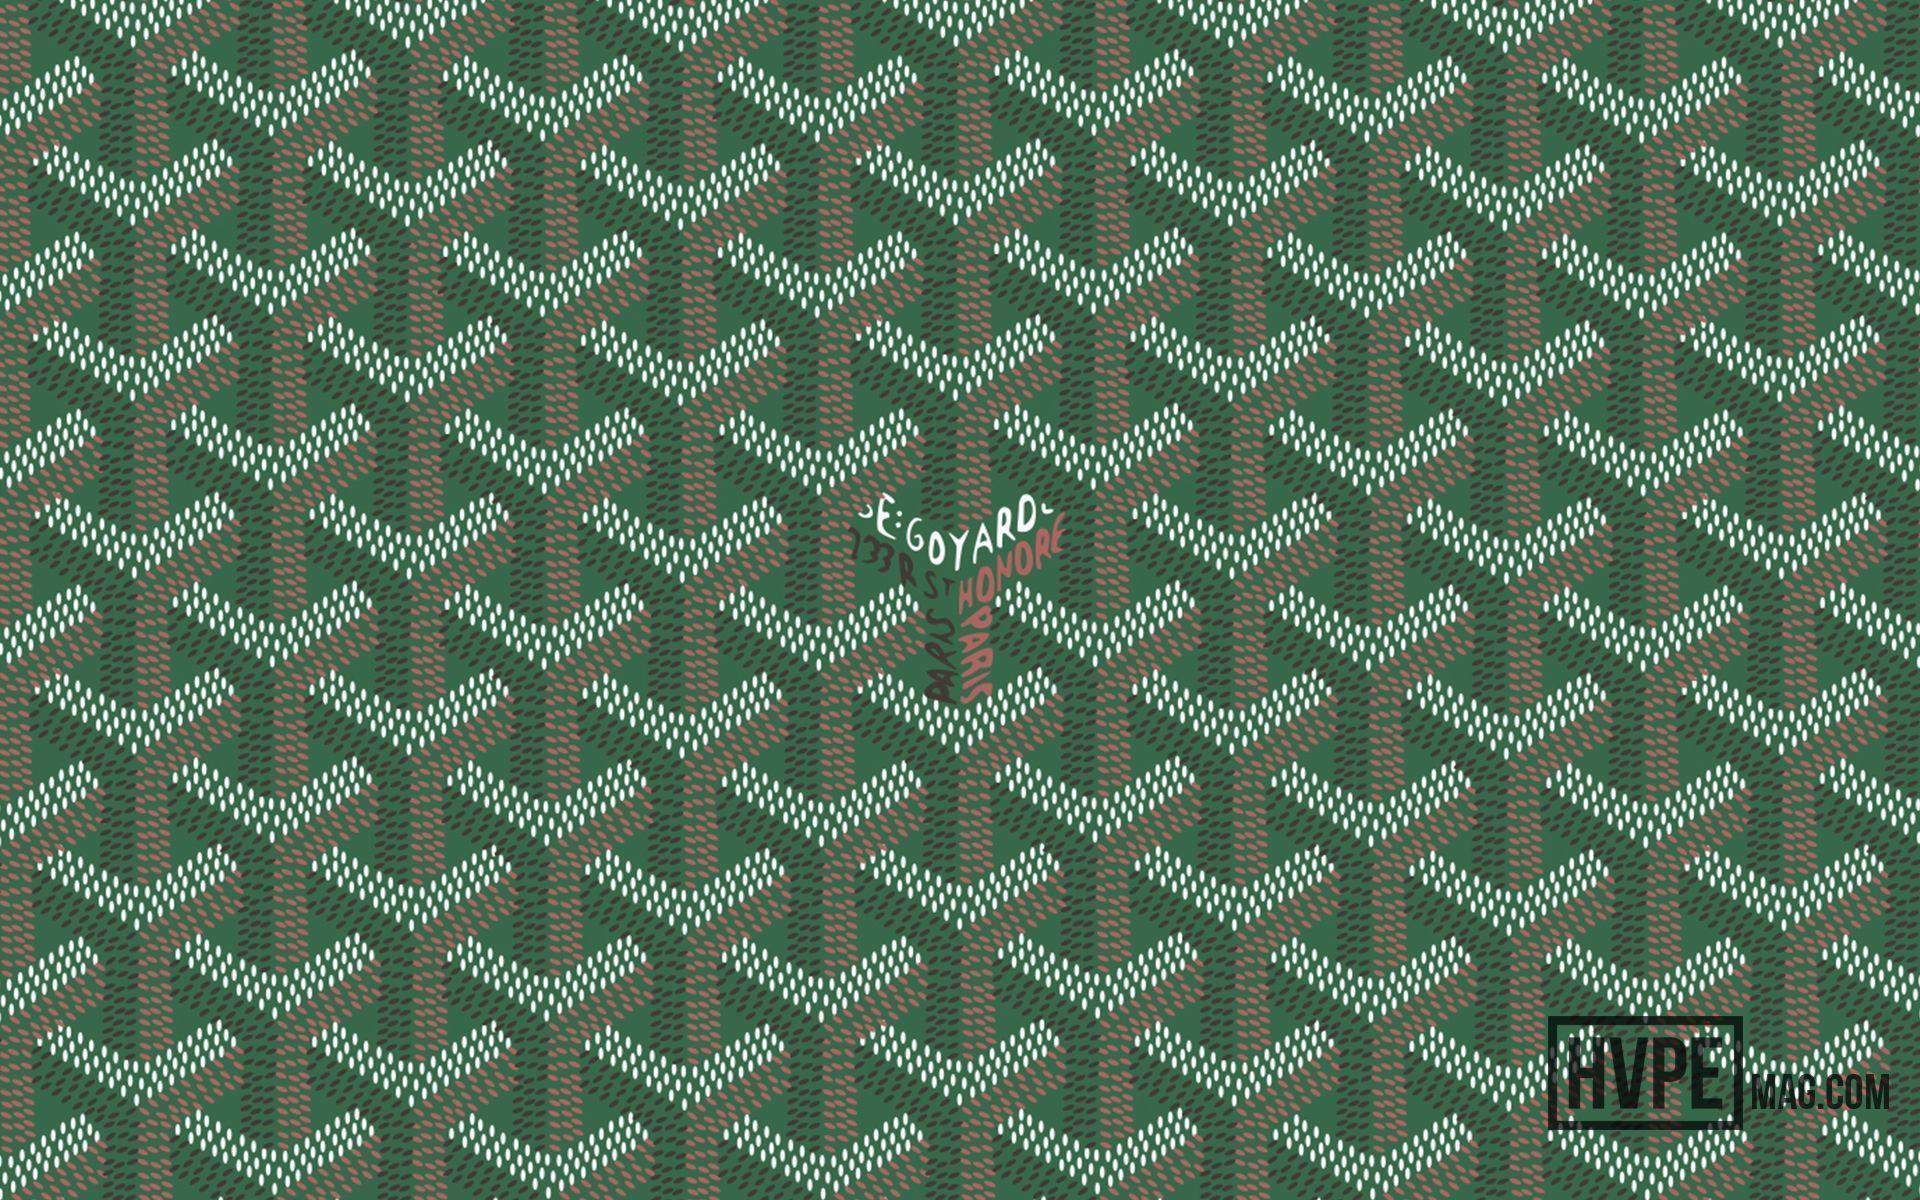 goyard-7 | HVPE